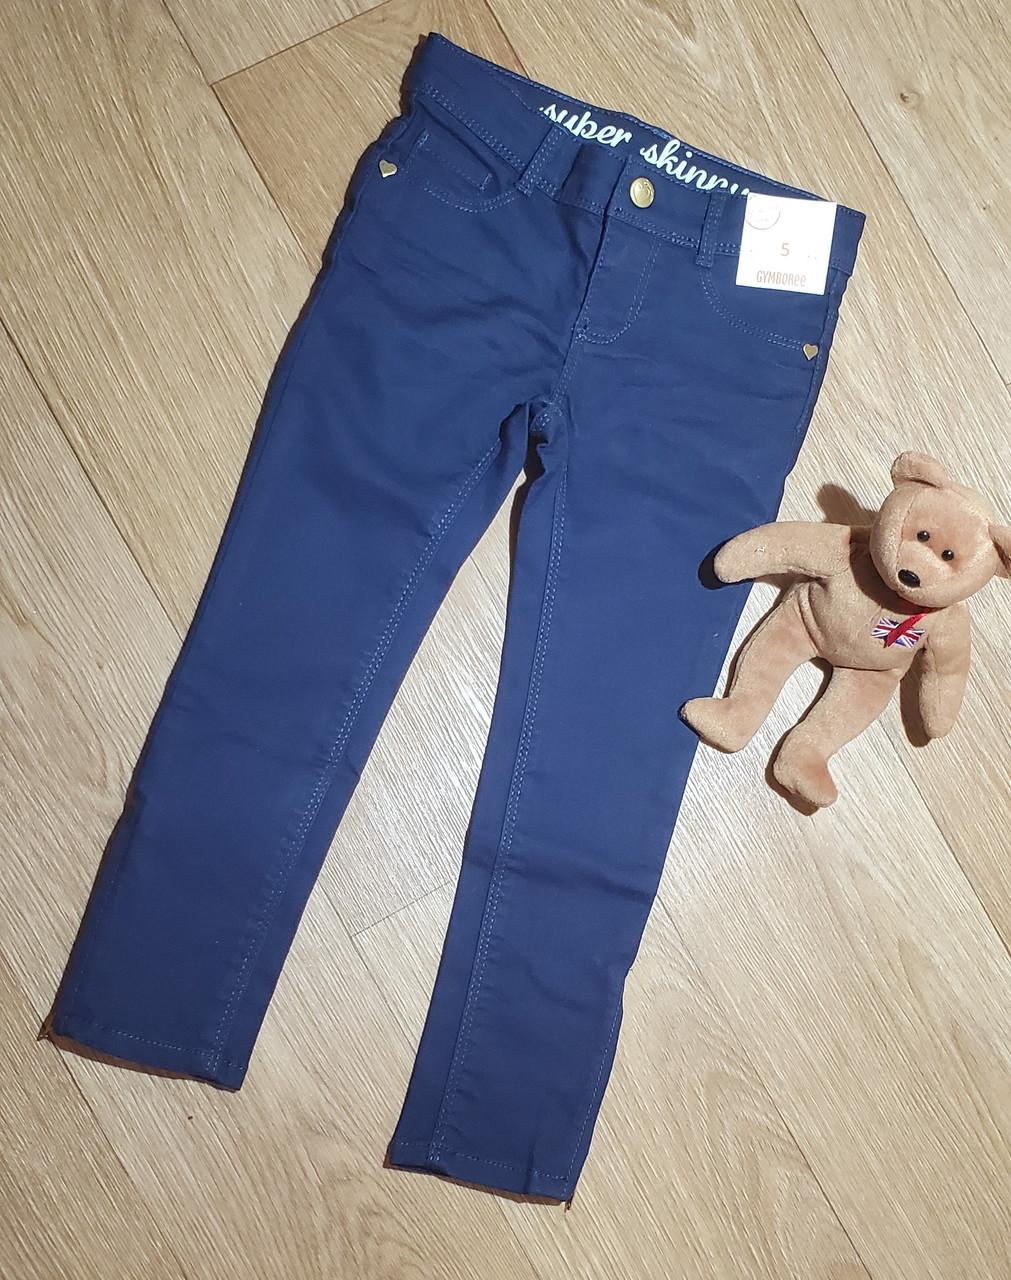 Темно синие брюки скинни с молниями внизу на девочку Gymboree (США) (Размер 6Т)